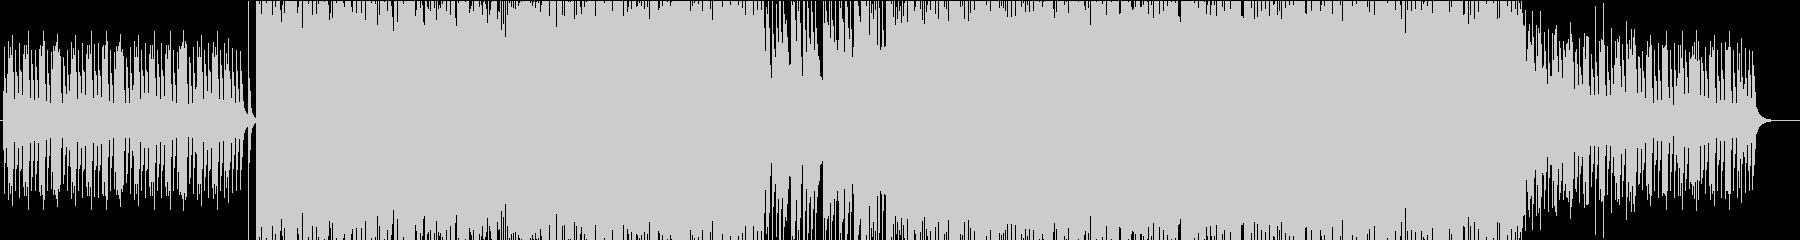 琴と三味線による和ロックの未再生の波形